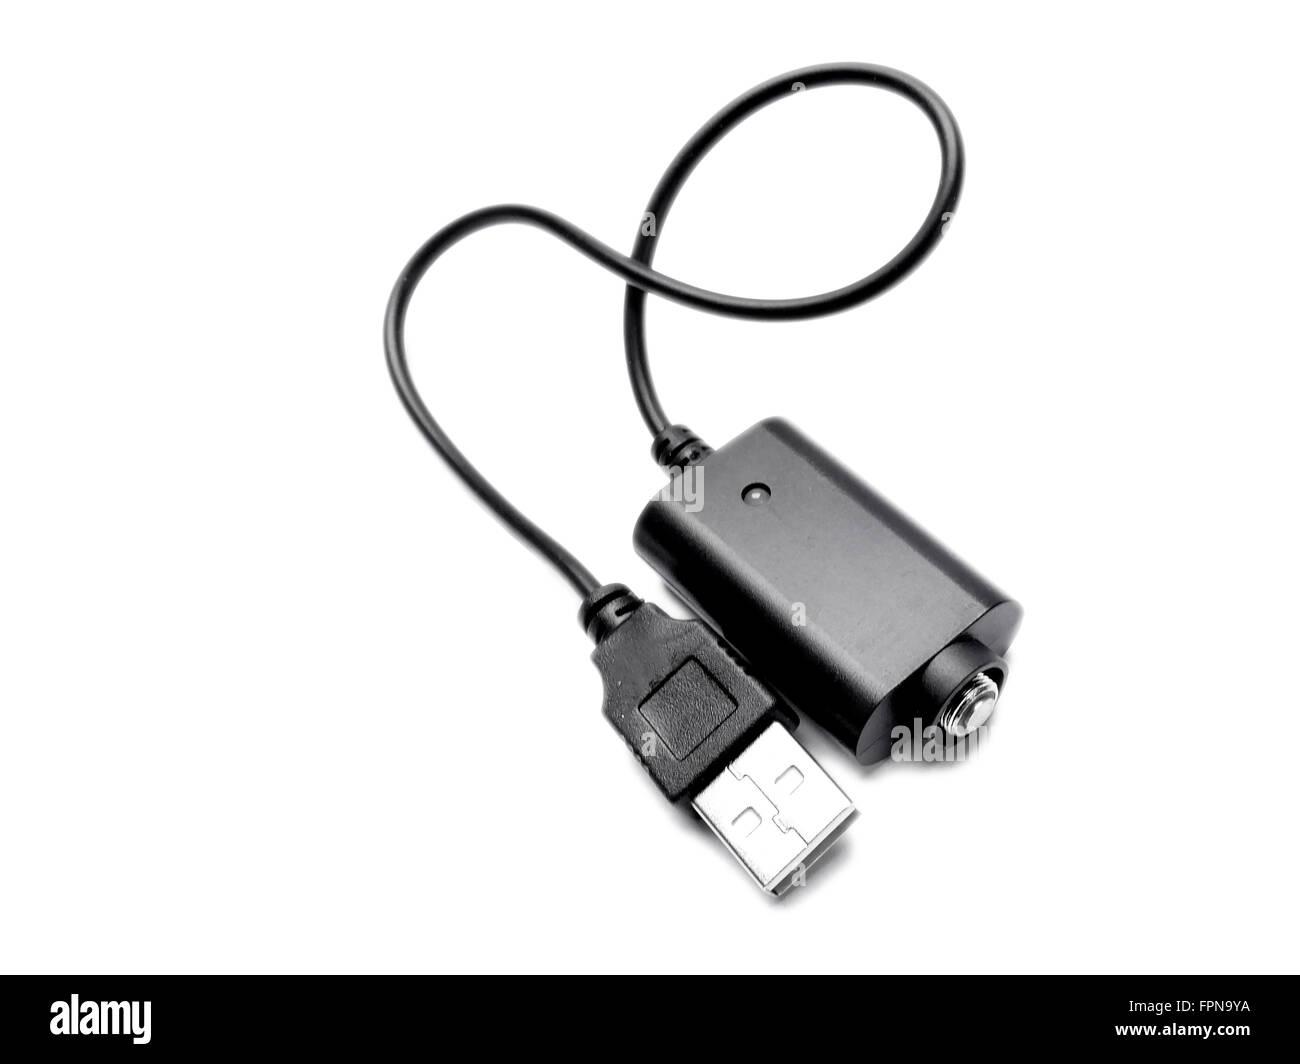 Electronic cigarette, E-cigarette business, E-cigarette usb charger - Stock Image